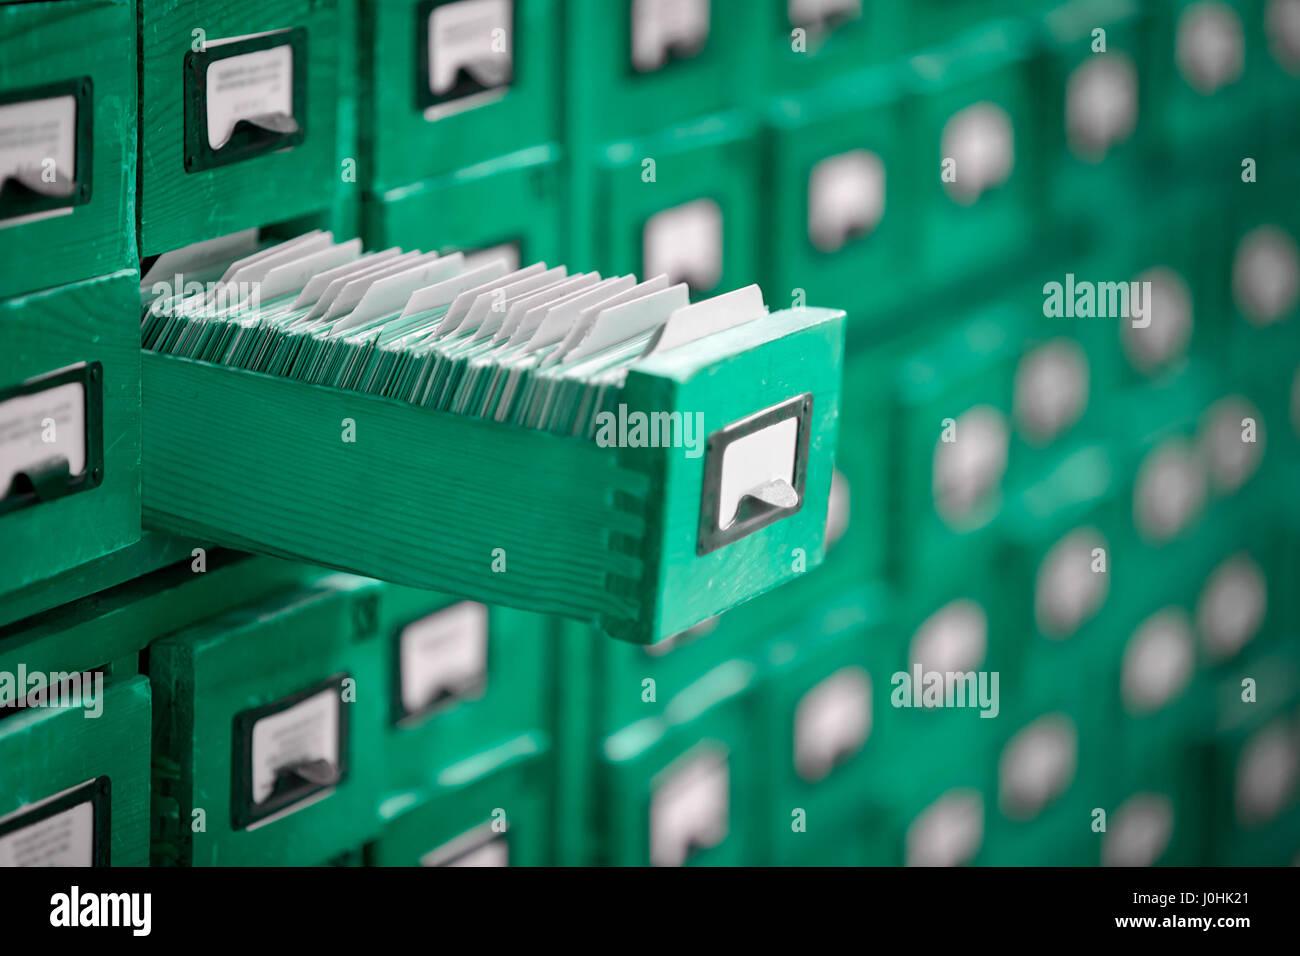 Bibliothek oder Archiv Referenz-Katalog mit geöffnete Karte Schublade. Stockbild